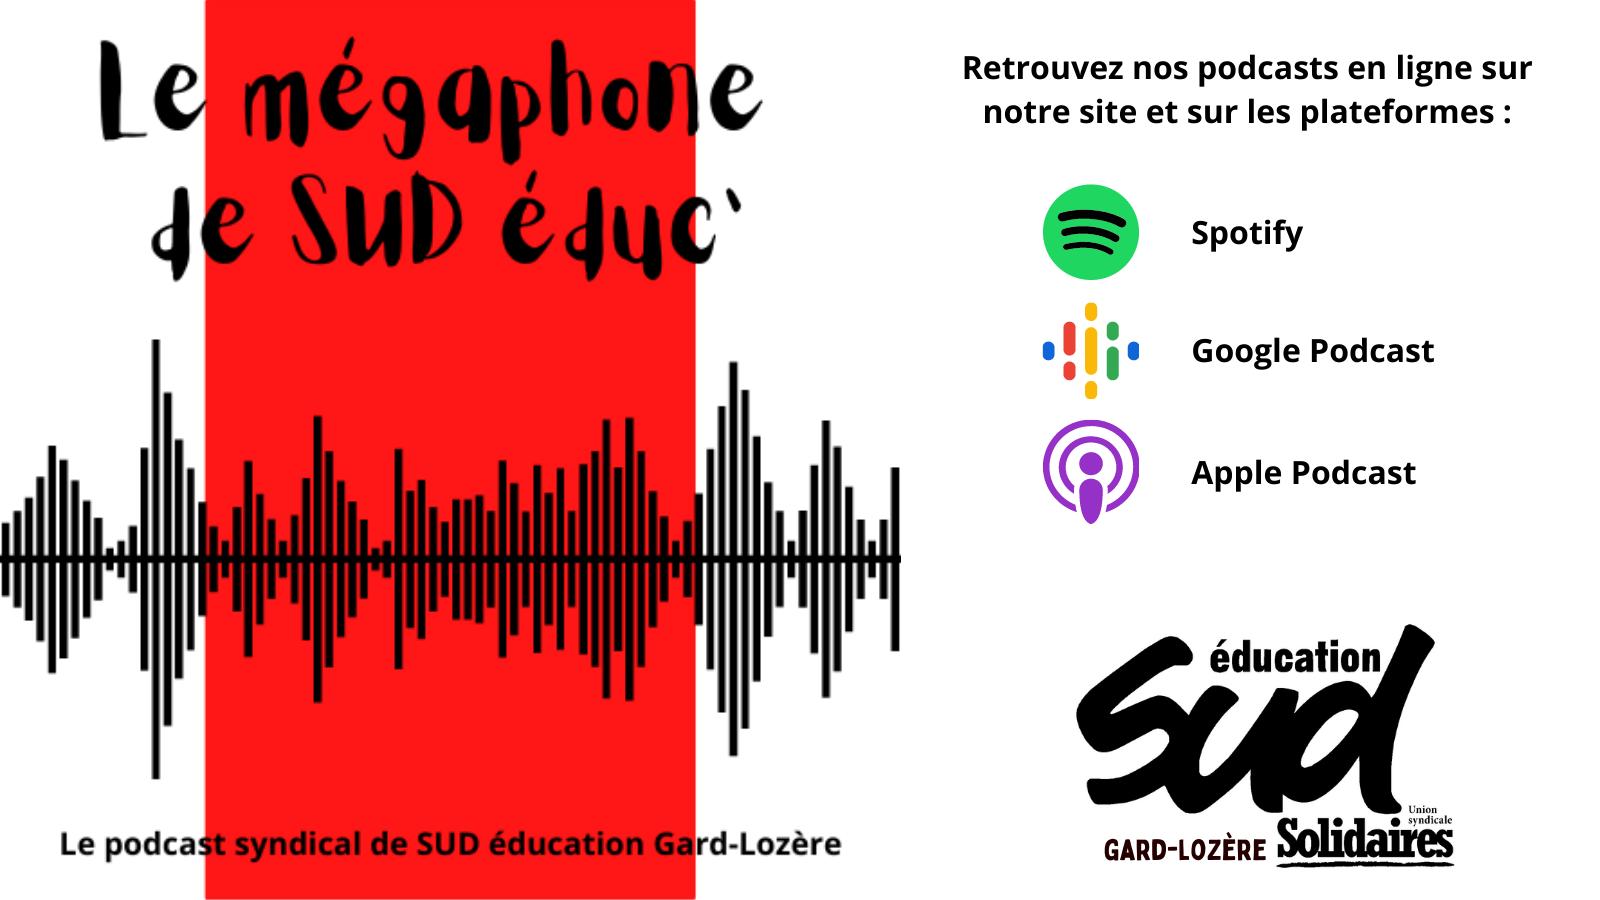 Le podcast de SUD éducation Gard-Lozère est en ligne !